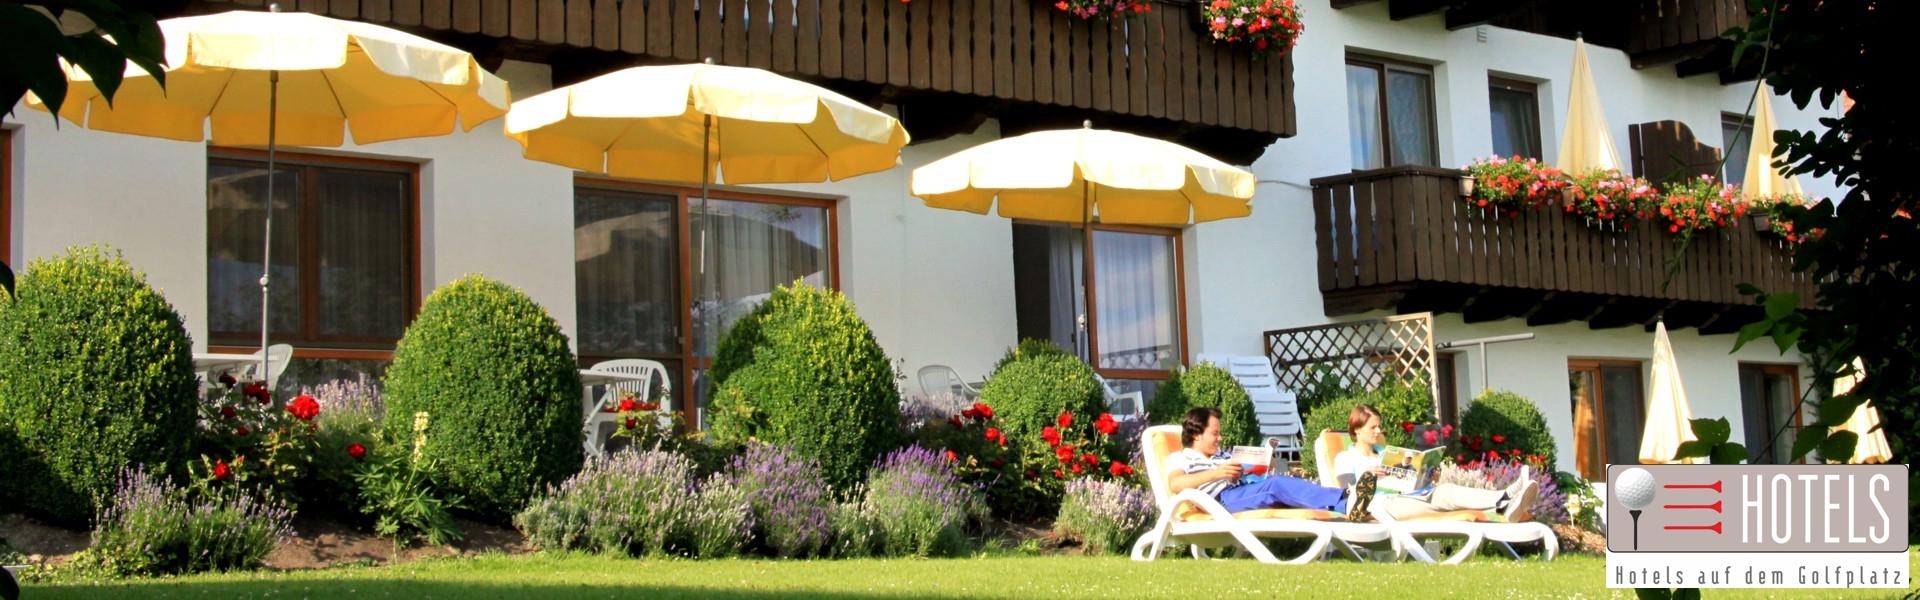 Liegewiese mit Maria und Manuel im Golf- und Landhotel Anetseder in Raßbach